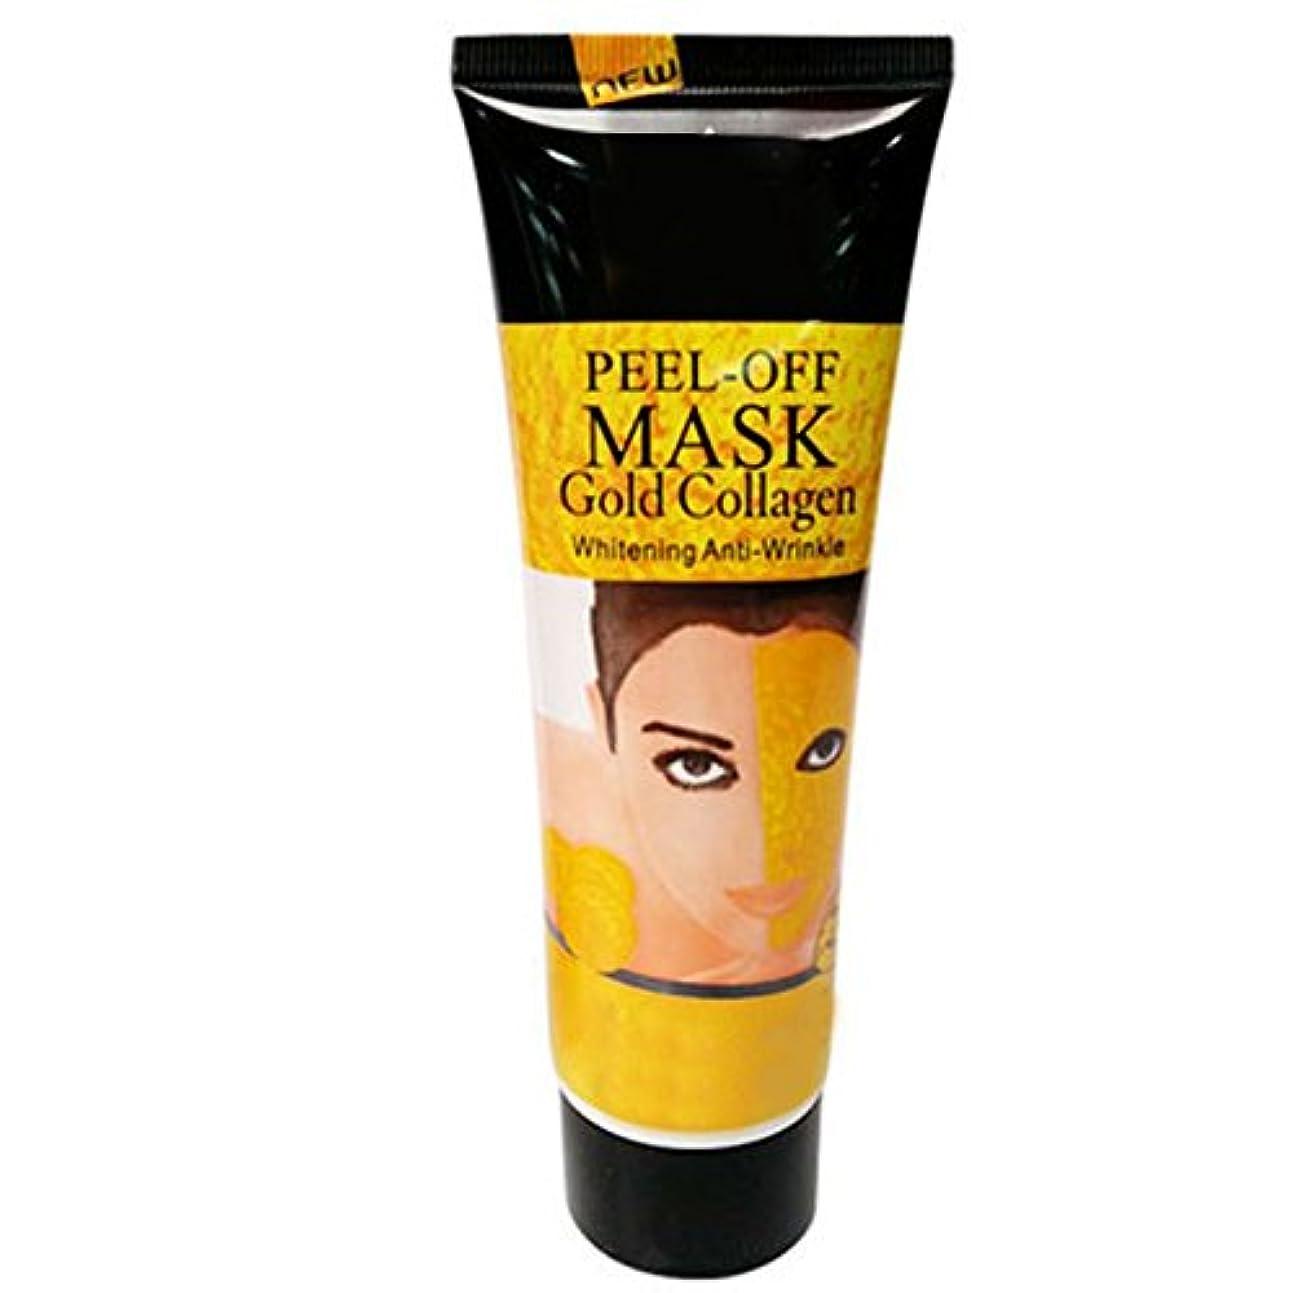 承認電話可愛いFunwill 24Kゴールドマスク ゴールドコラーゲンパック アンチエイジングパック スキンケアマスク しわ、黒ずみ、しみなどを除き たるみ肌改善 くすみ改善 しっかりしている肌に戻る